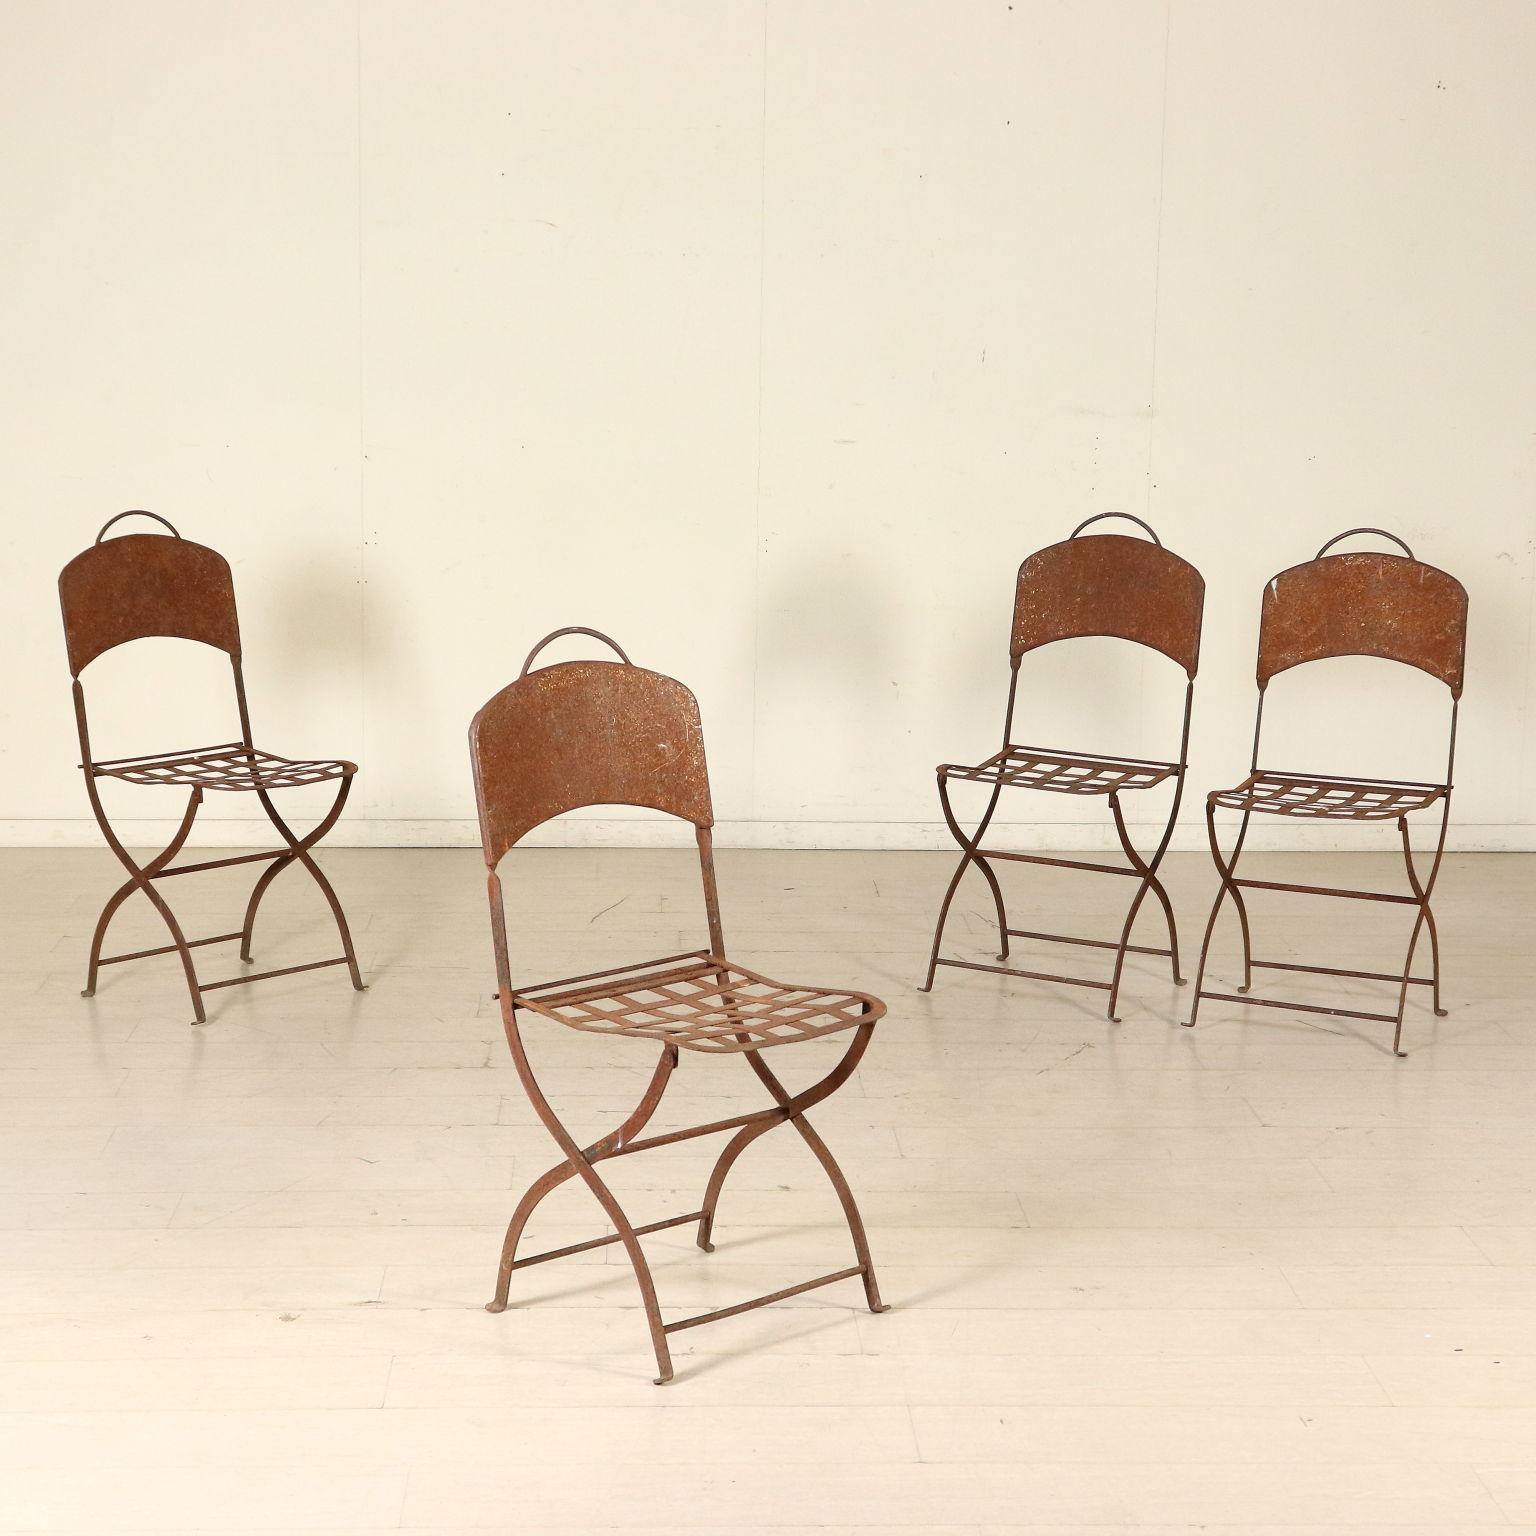 Tavolo con quattro sedie pietre e arredi giardino - Dwg tavolo con sedie ...